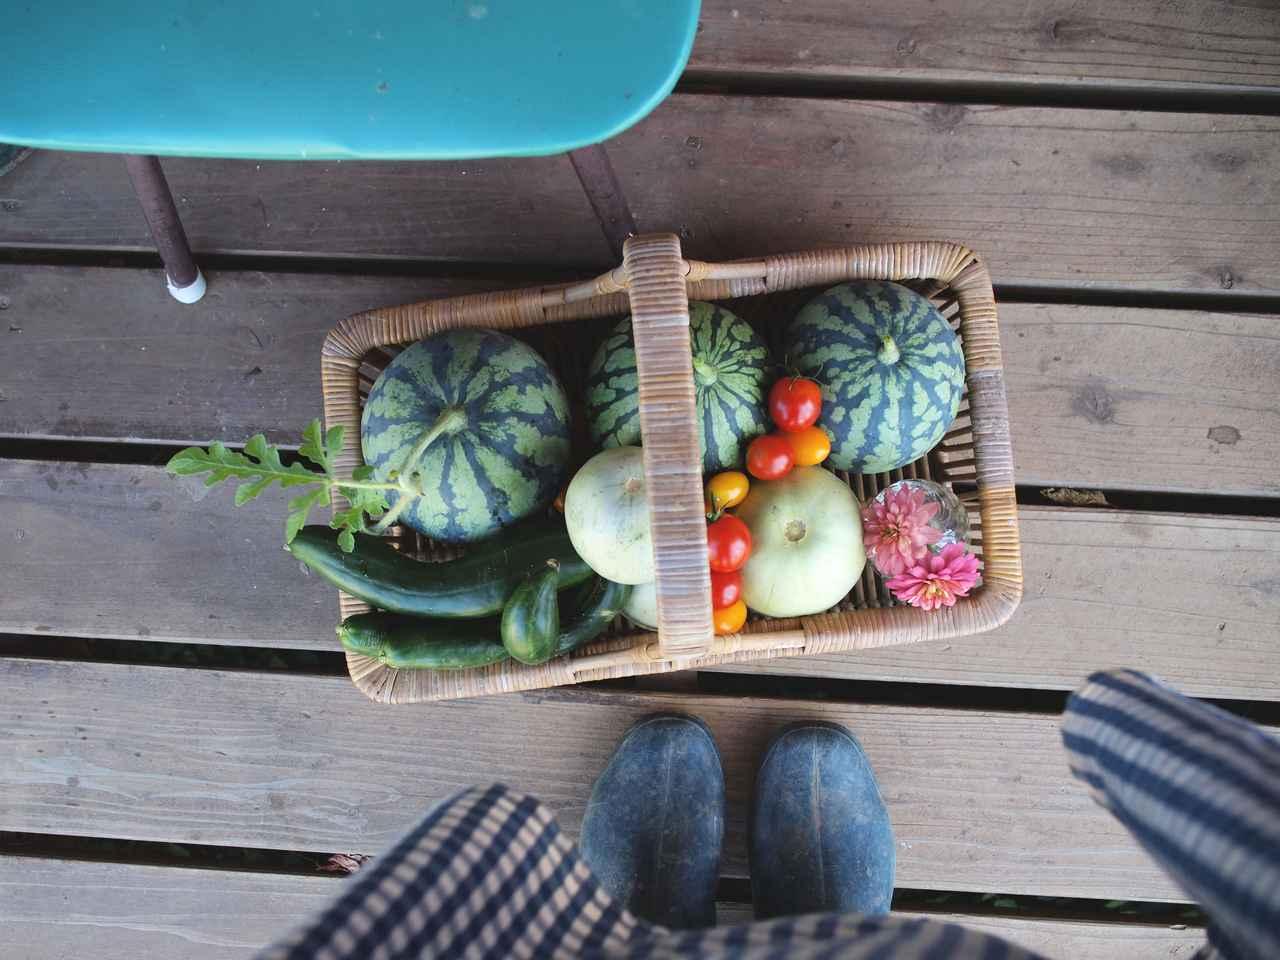 画像: スイカやメロンなど、庭で採れた野菜たち